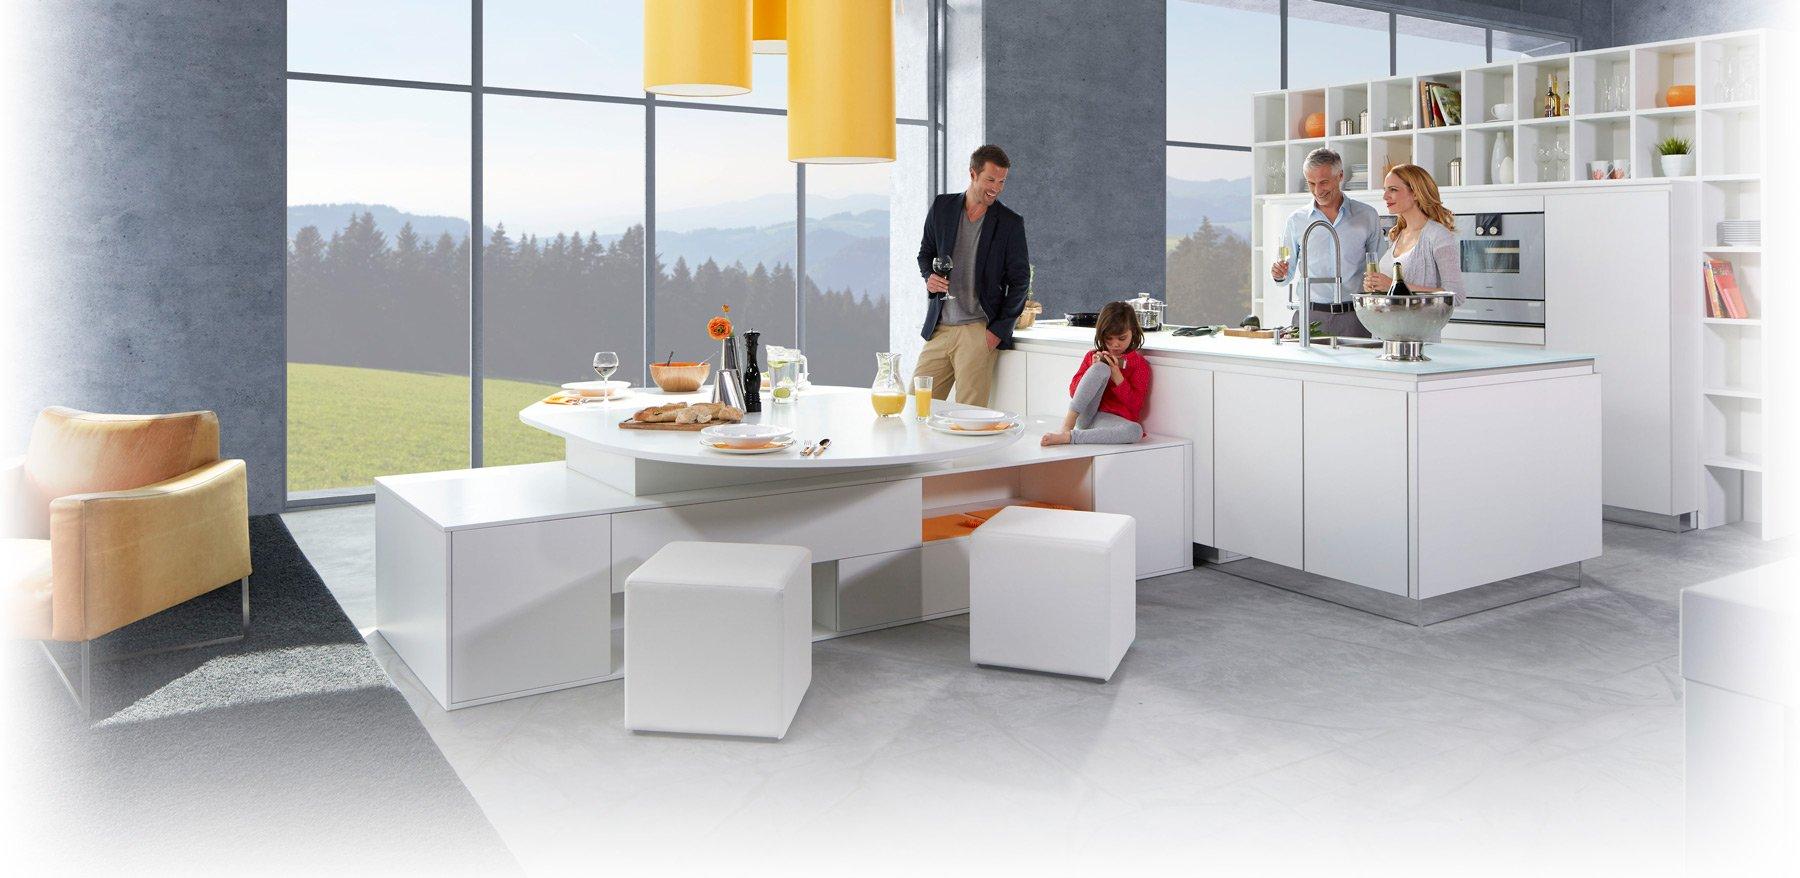 Full Size of Miele Komplettküche Klassische Kchen Zeitlos Und Schn Plana Kchenland Küche Wohnzimmer Miele Komplettküche